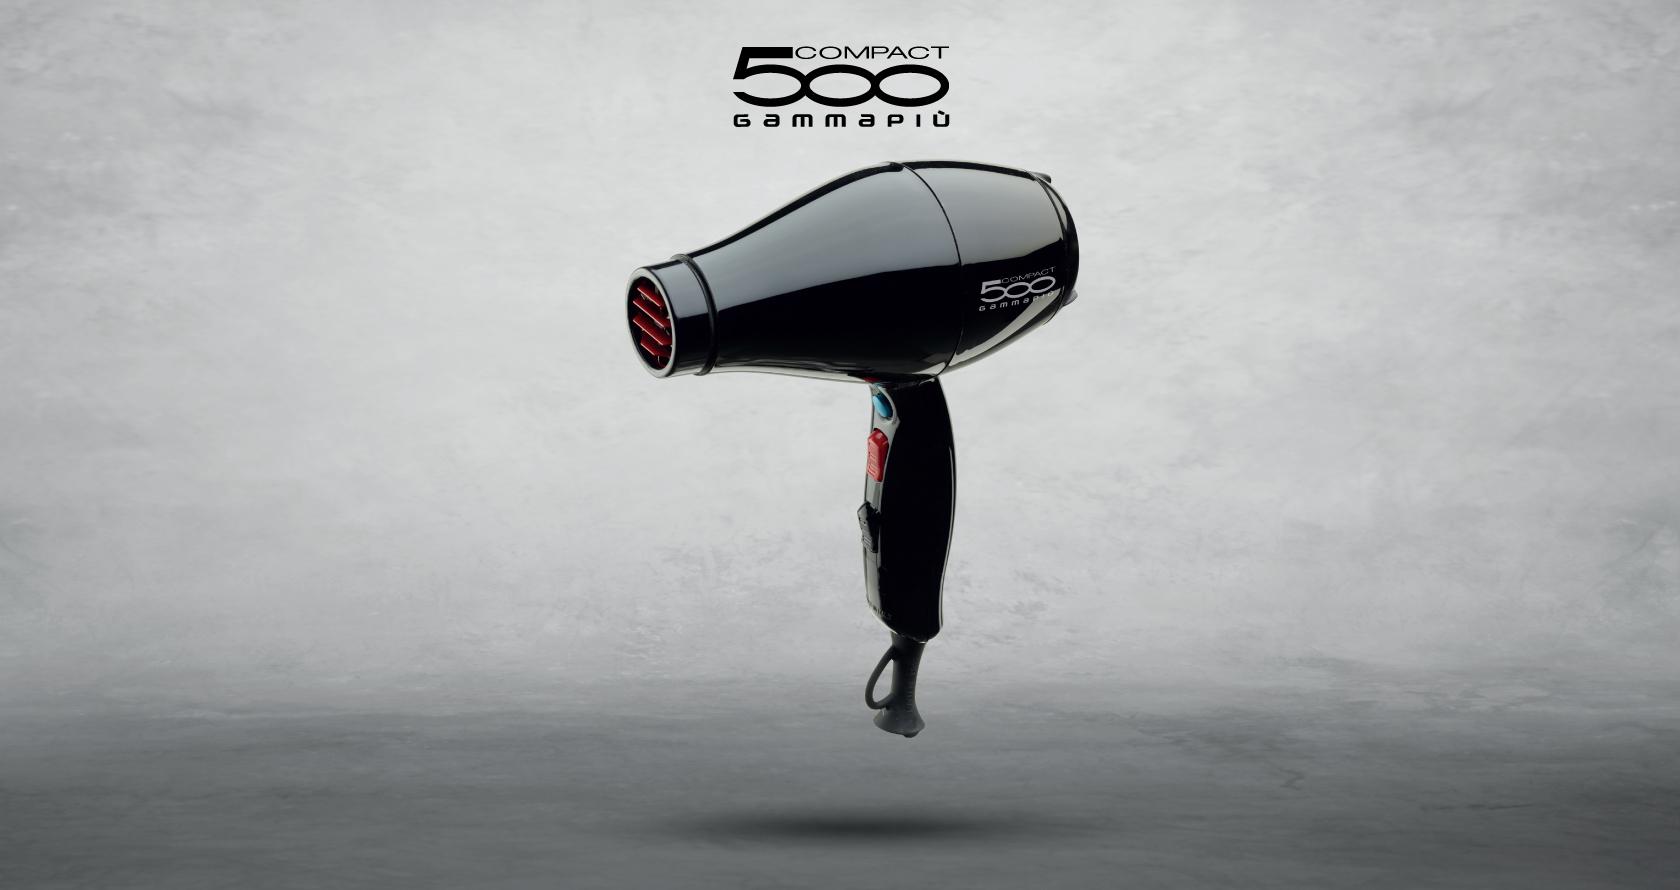 Asciugacapelli Gamma Più 500 Compact colore nero con griglia ionizzante in tormalina